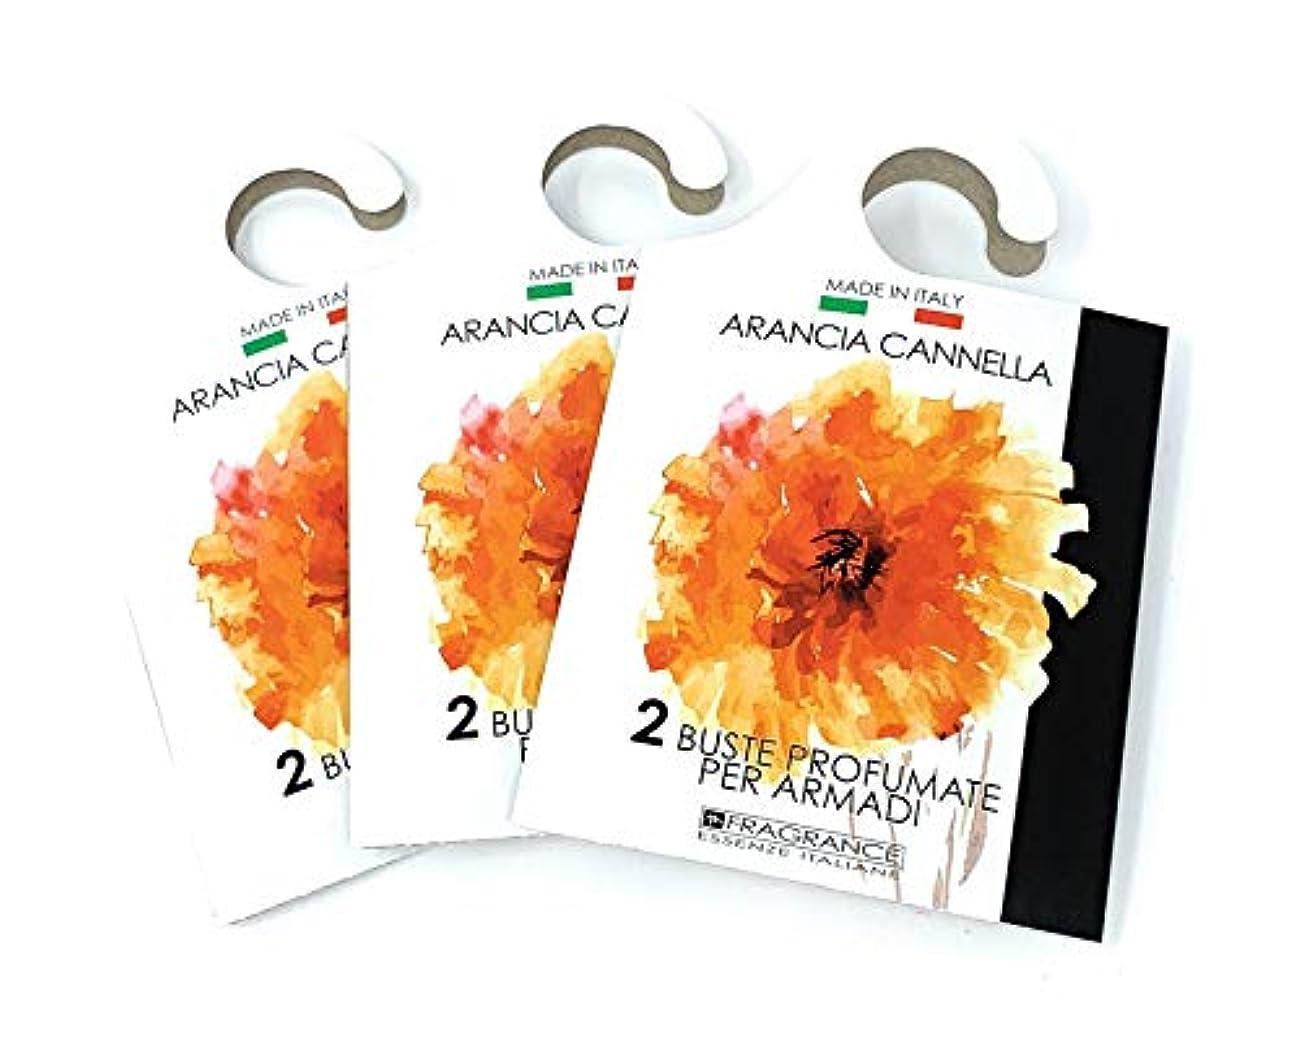 近く遺棄された普通にMERCURY ITALY 吊り下げるサシェ(香り袋) ACQUARELLO オレンジシナモンの香り/ARANCIA CANNELLA 2枚入り×3パック [並行輸入品]